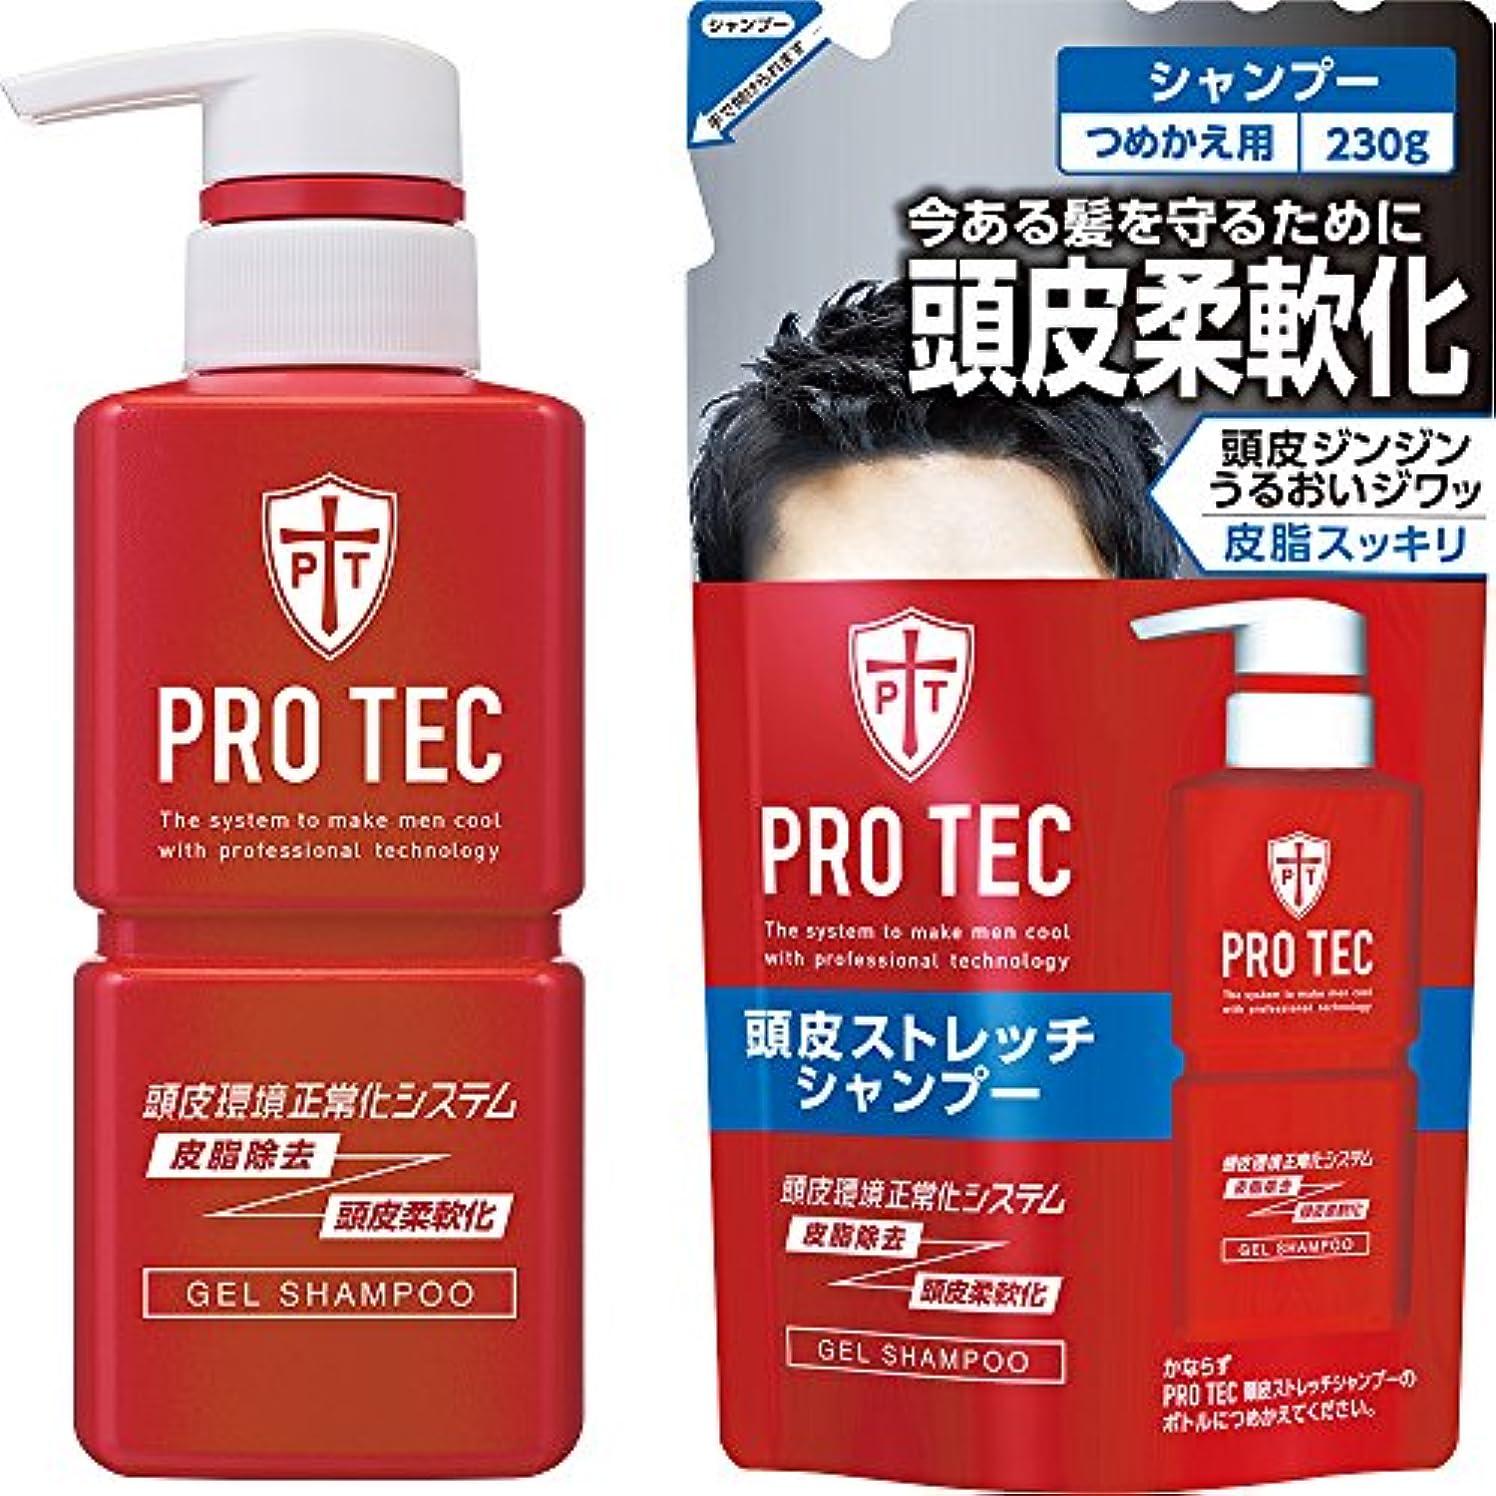 人生を作る火曜日祖先PRO TEC(プロテク) 頭皮ストレッチシャンプー 本体ポンプ300g+詰め替え230g セット(医薬部外品)